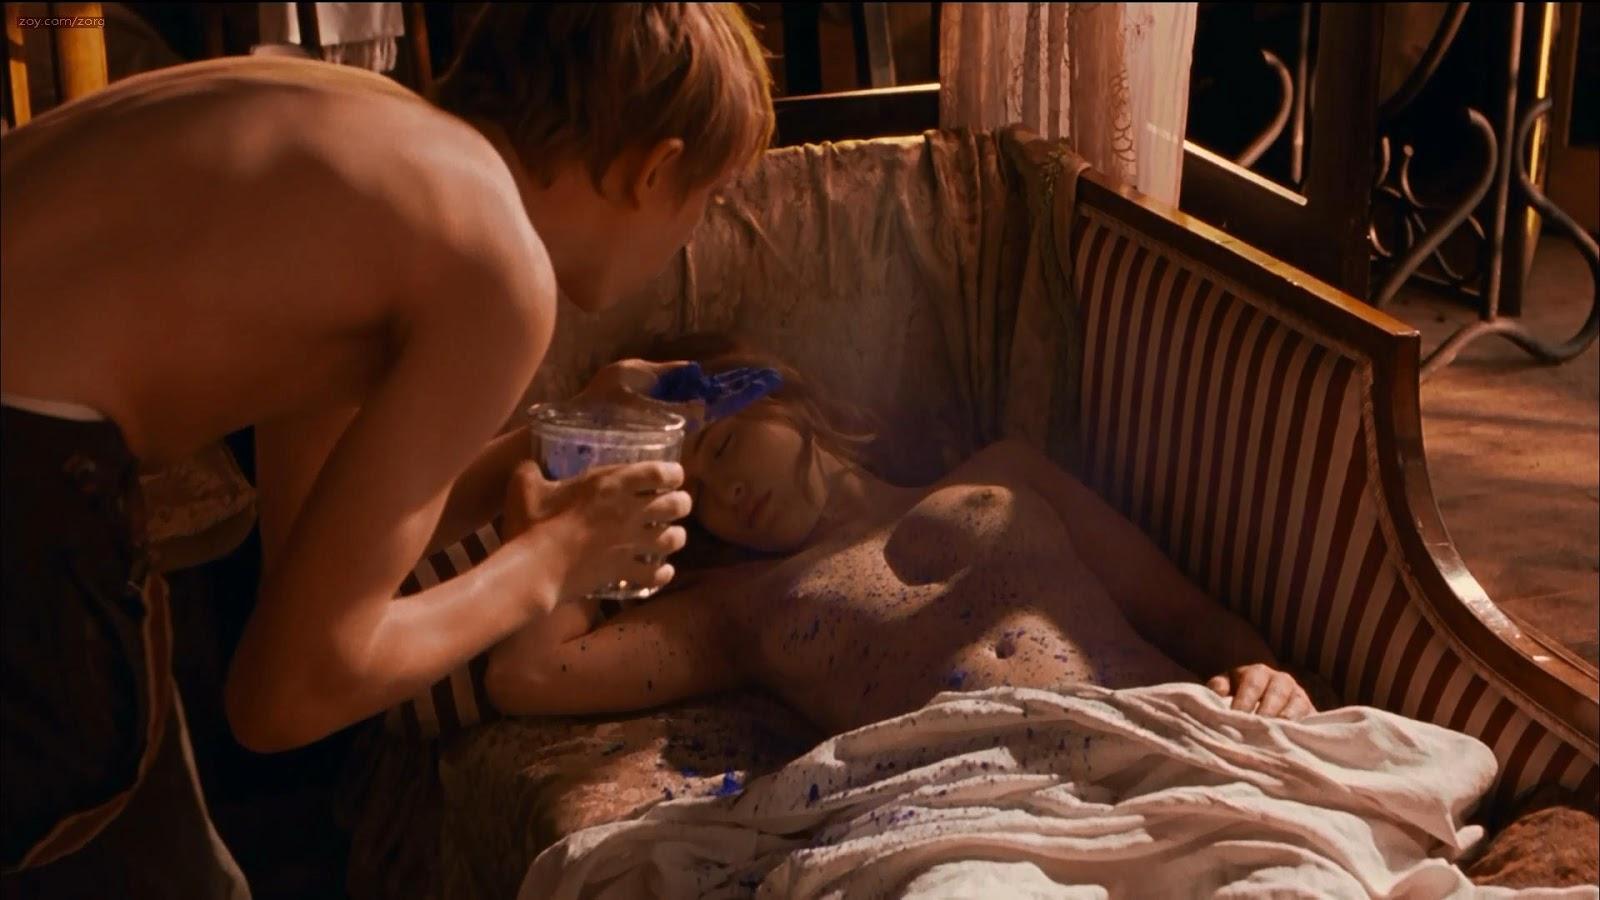 Andrea edmondson nude